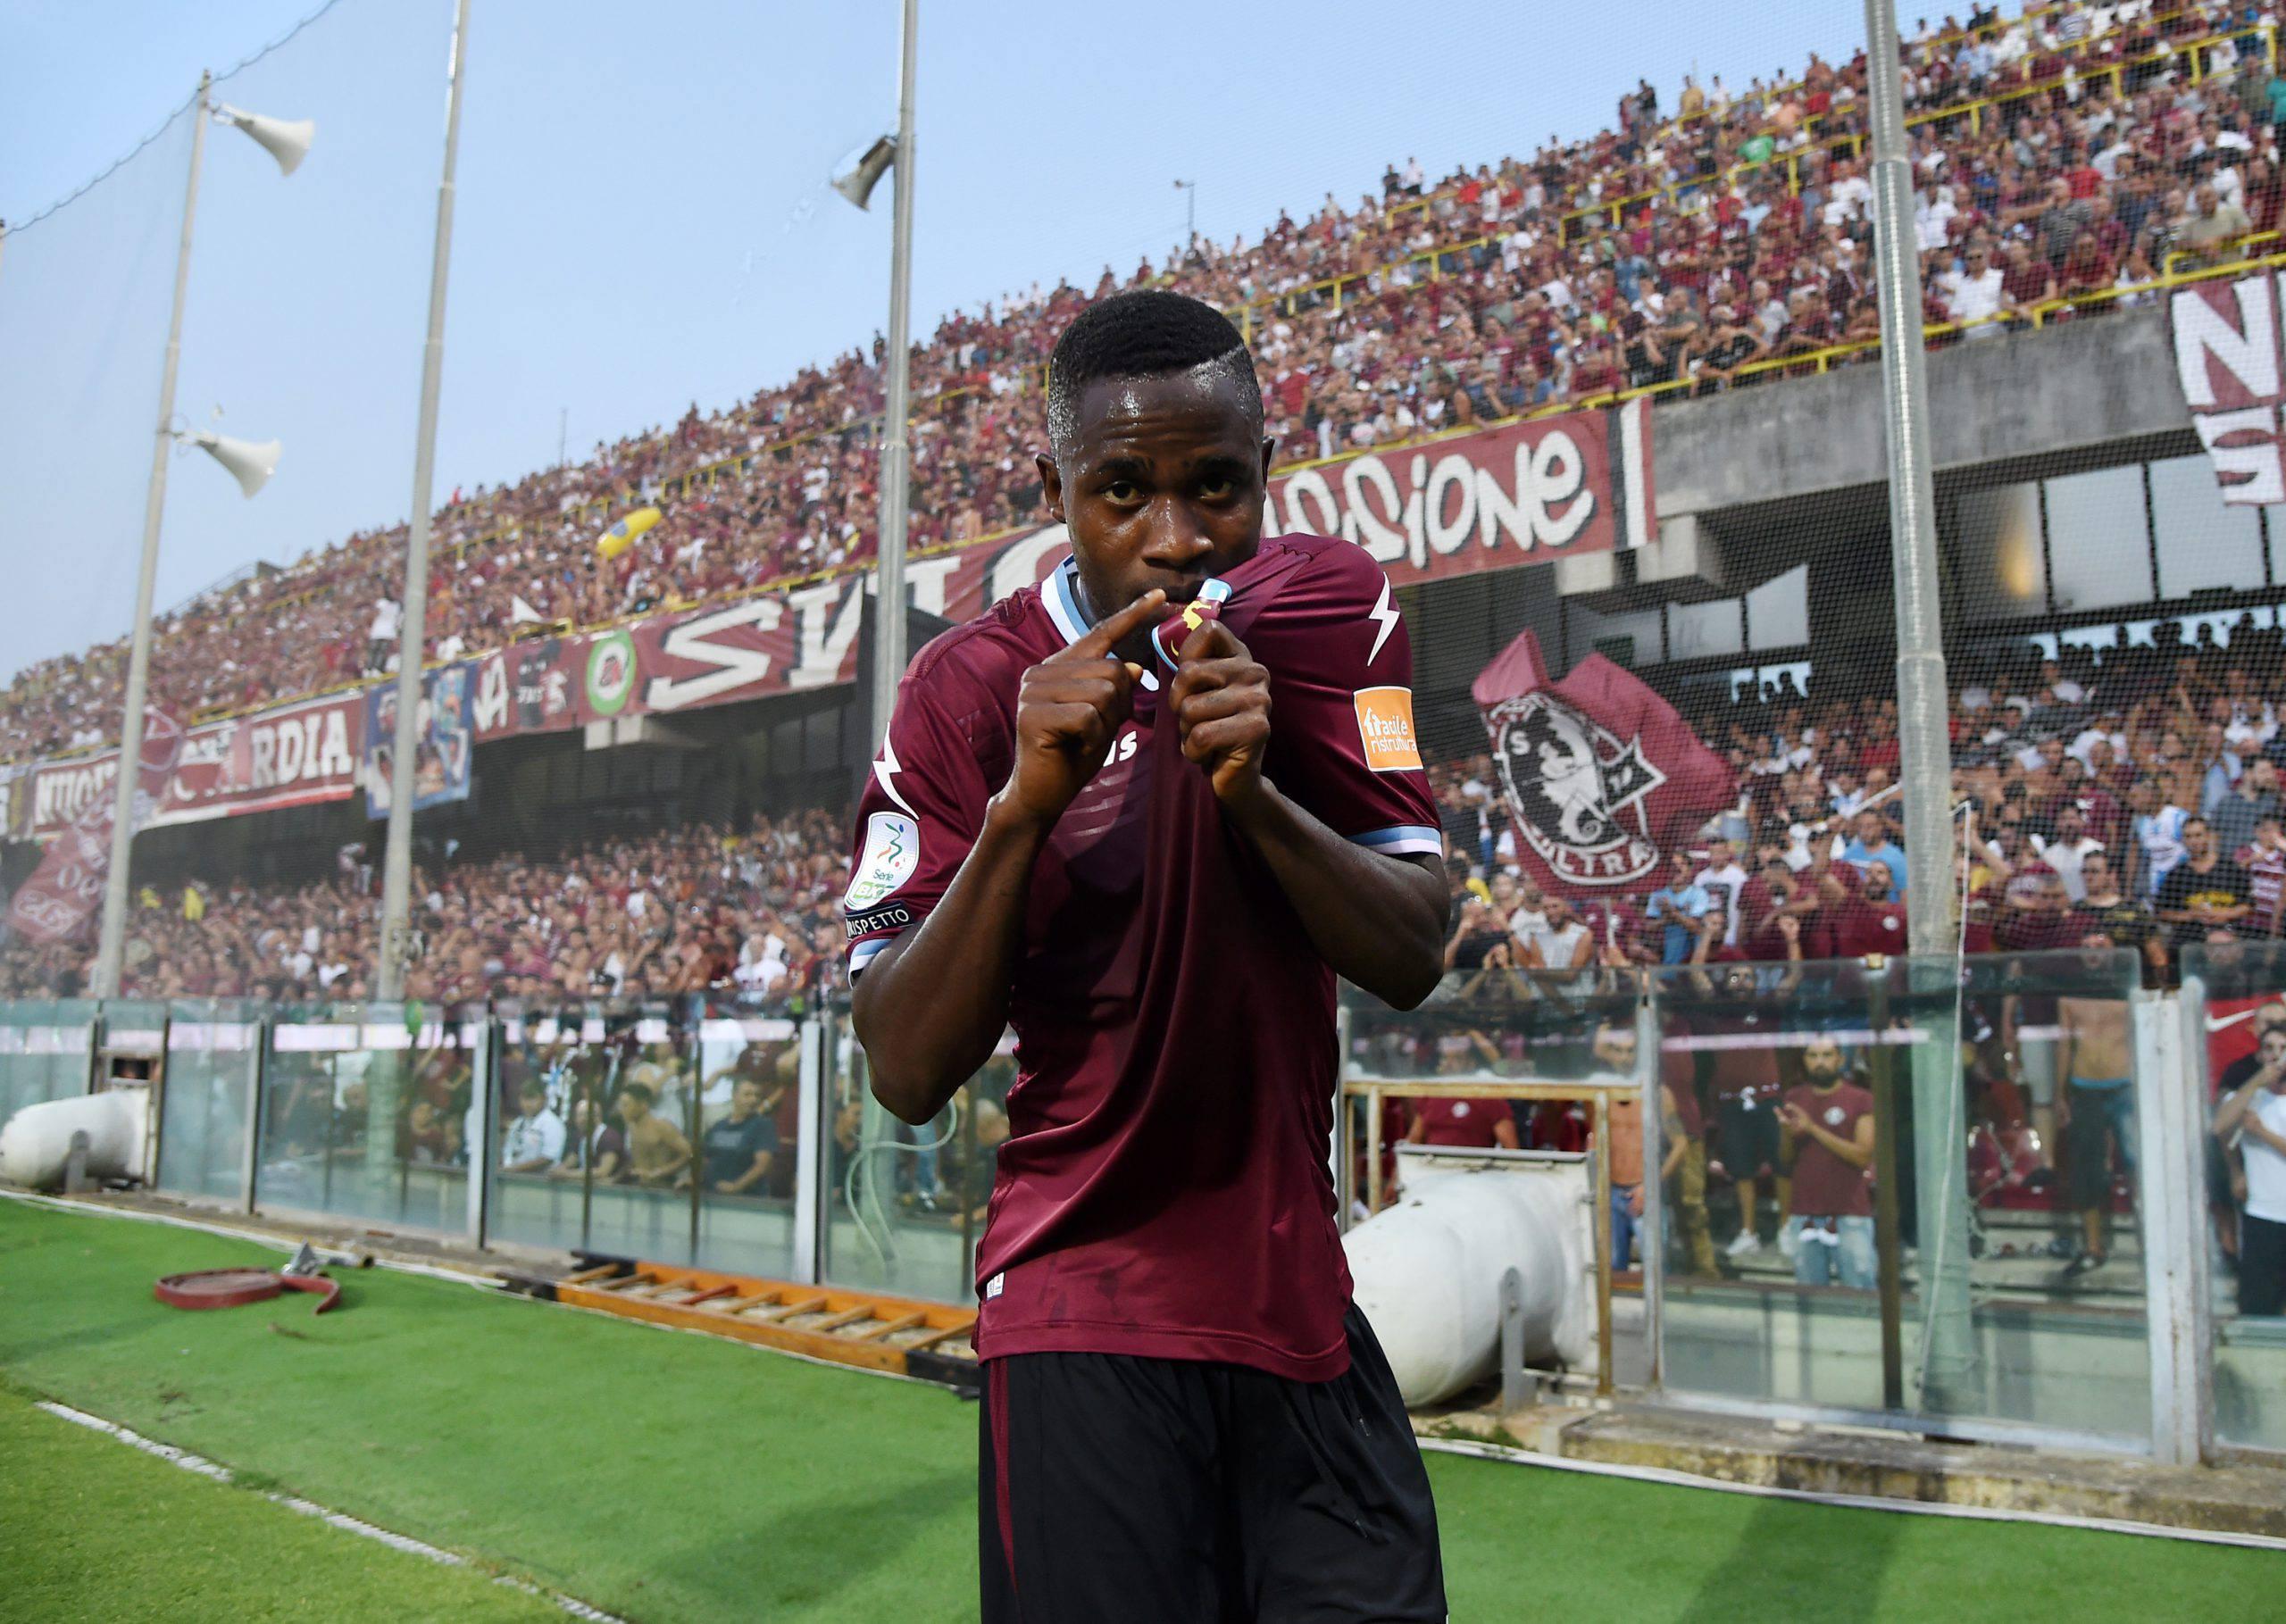 Lamin Jallow Salernitana Calciomercato agente